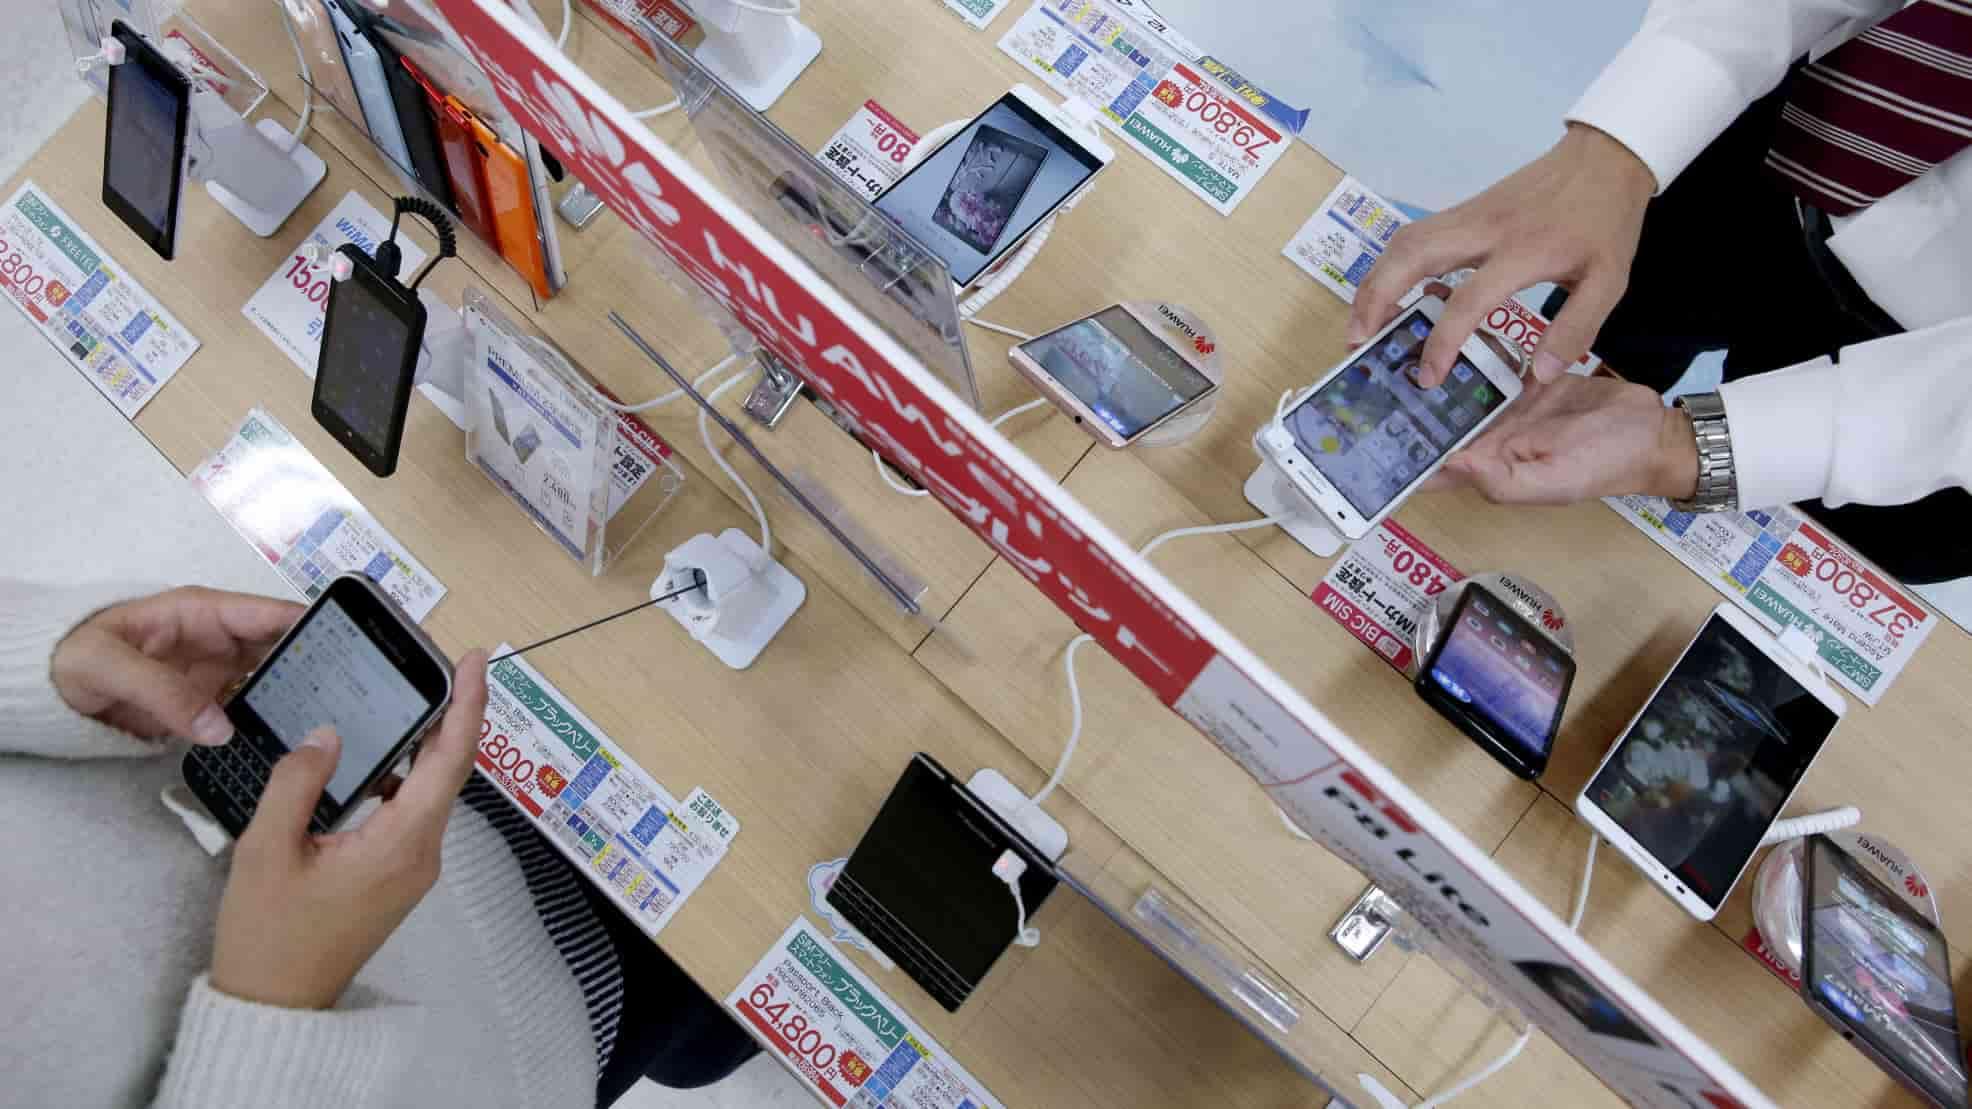 ۲۰ ویژگی مهم گوشی های سال ۲۰۲۰